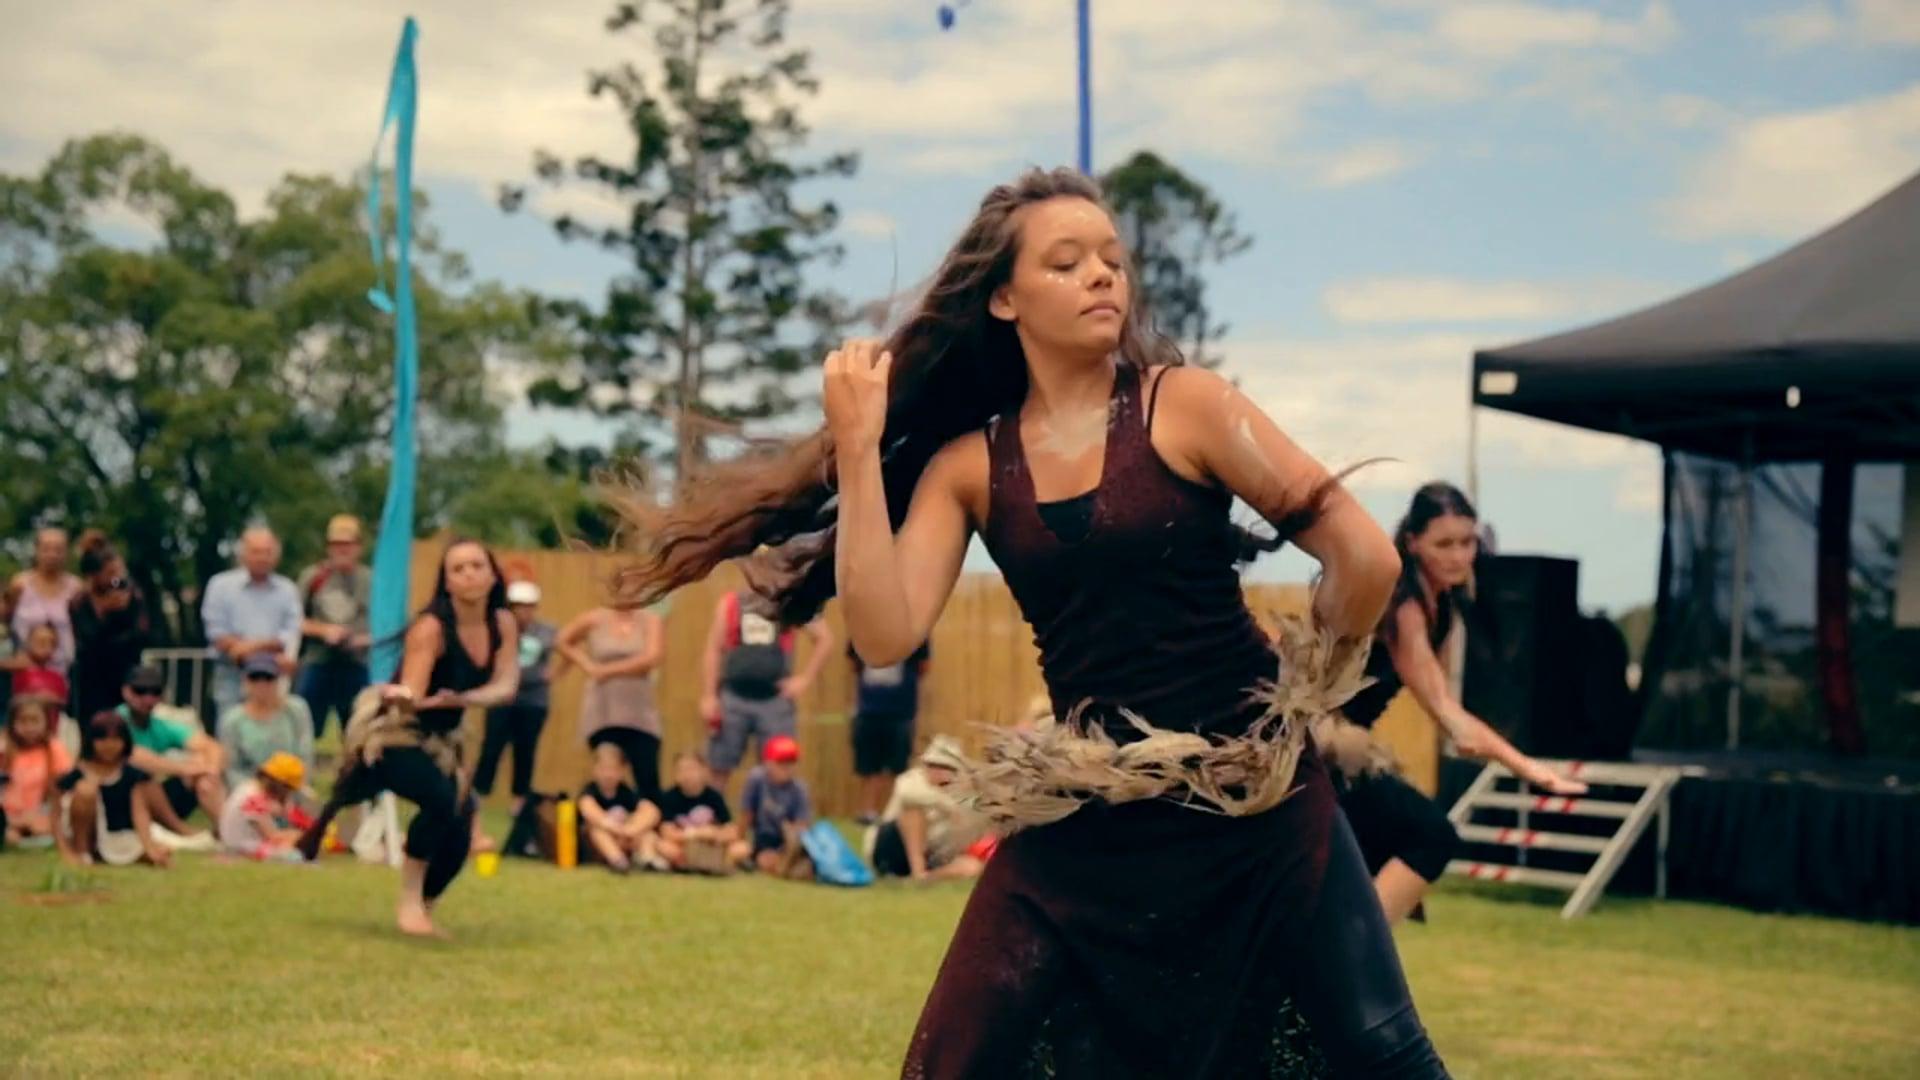 Saltwater Freshwater Festival Documentary 2014 - Aboriginal Festival Australia